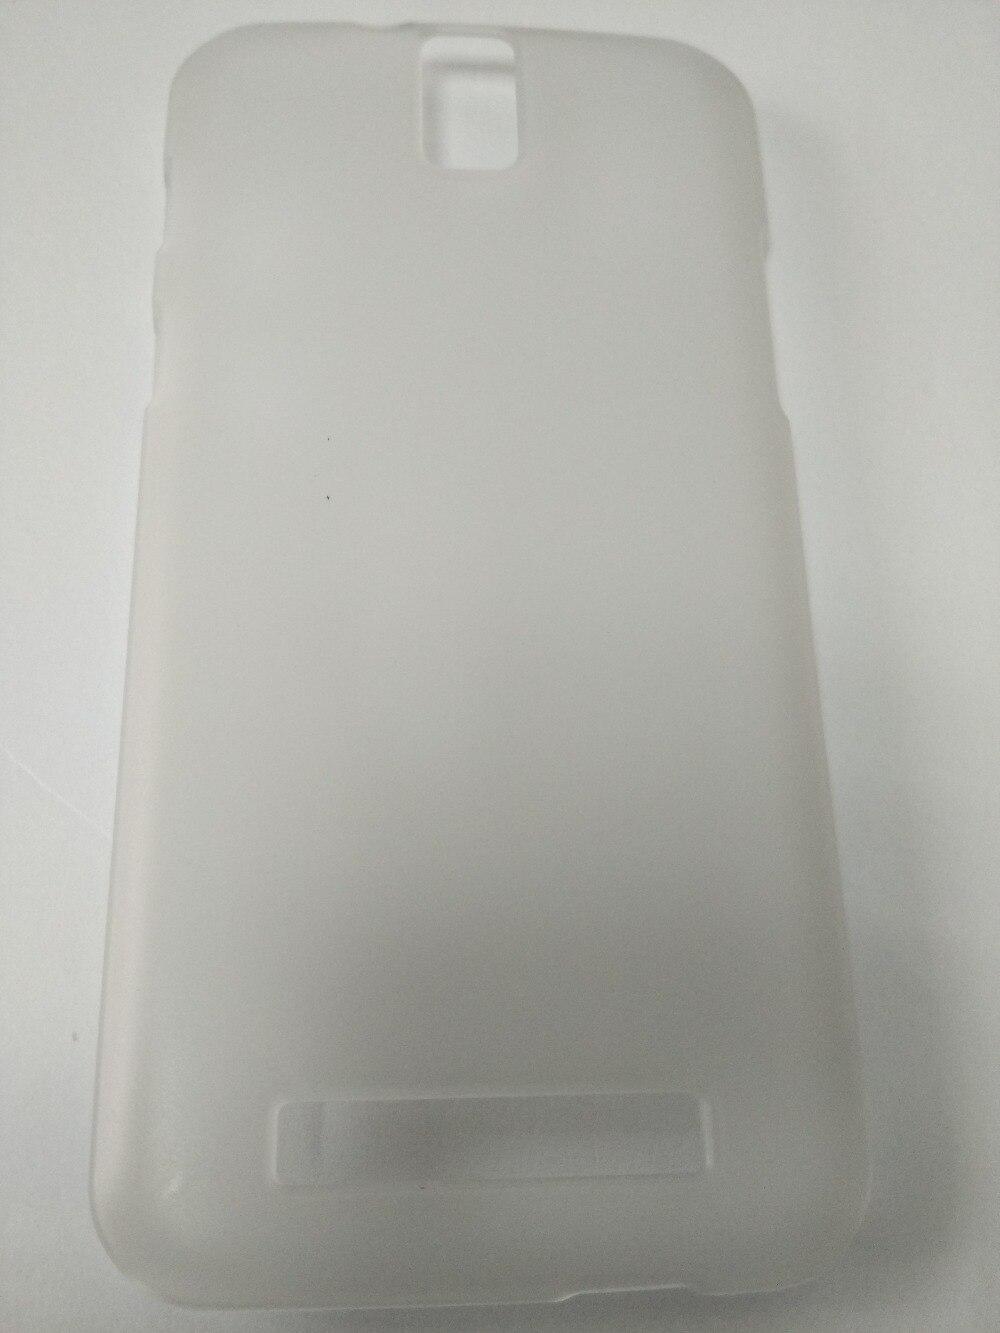 Accesorios del teléfono zopo zp999 caso duro de la buena calidad para zopo zp999